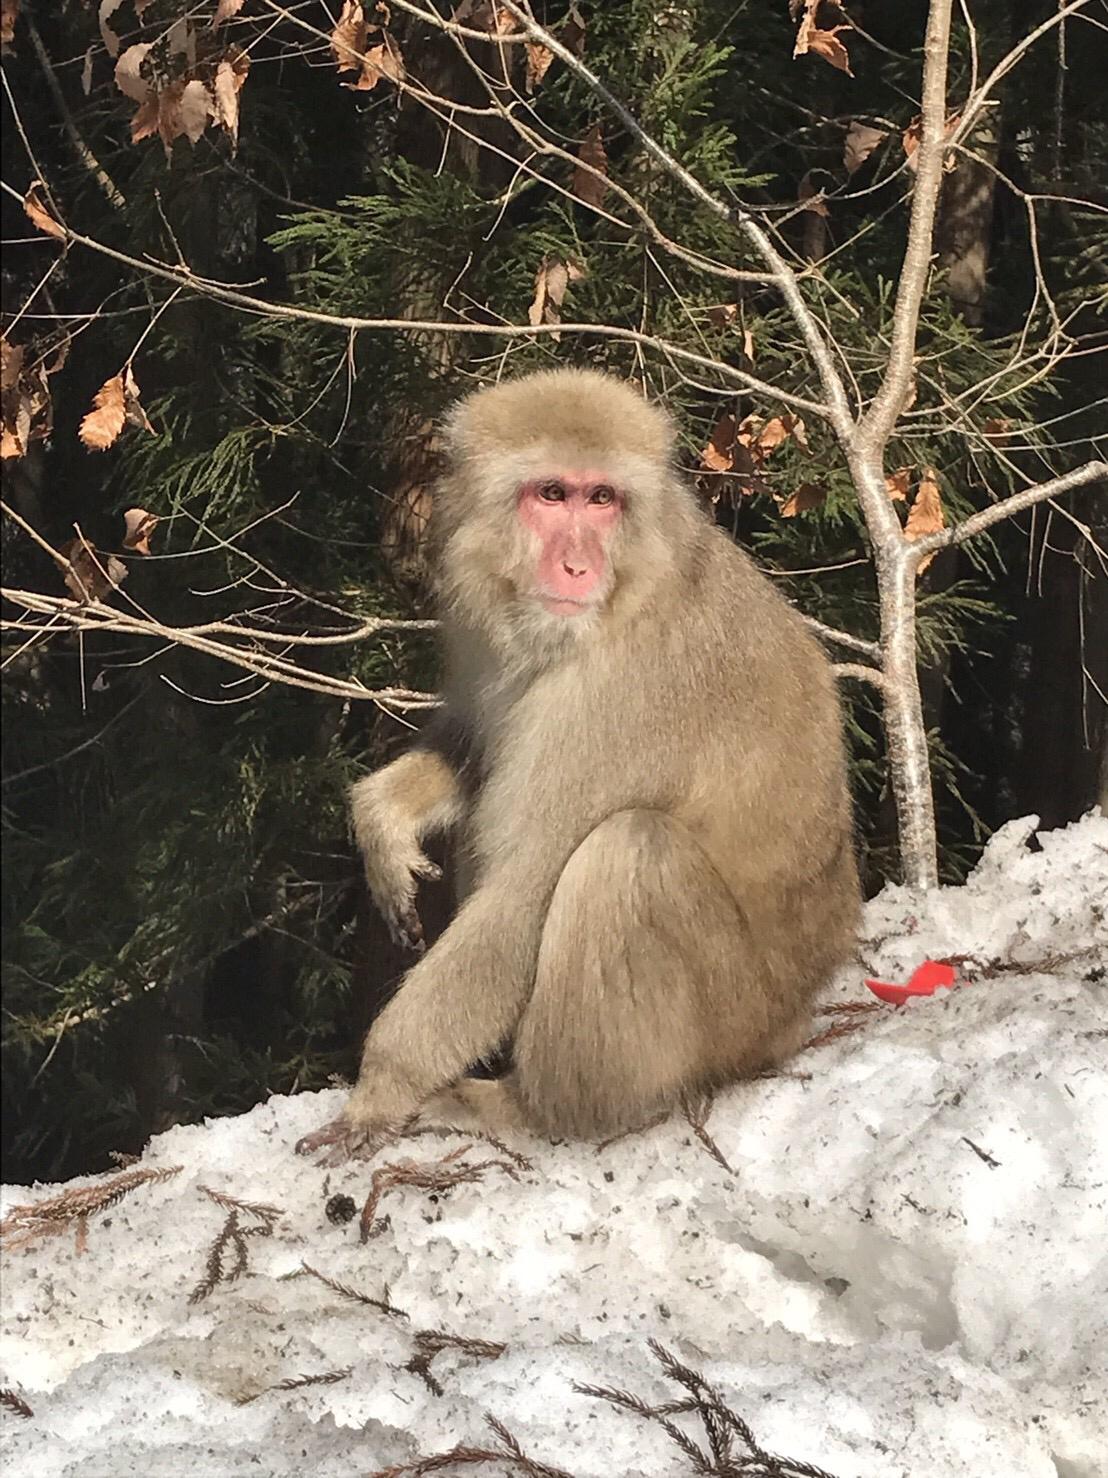 猿がなかやまきんに君を語る ヤァァァァァァァァア!!